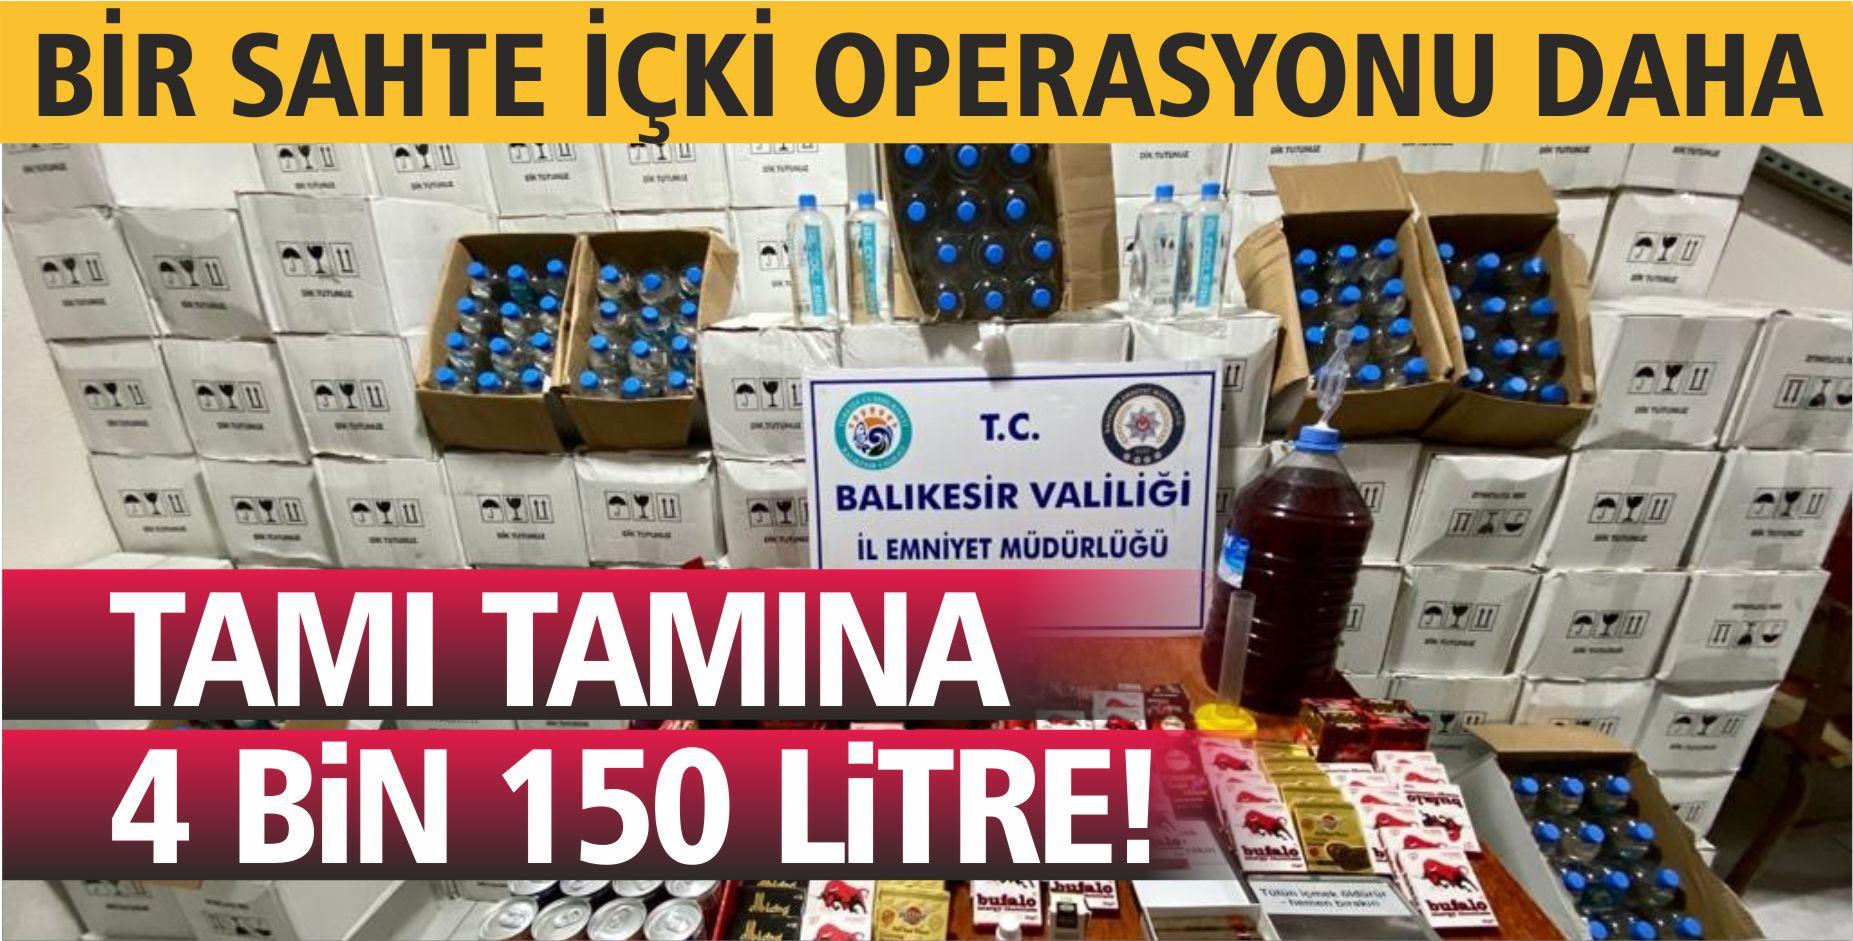 GÖNEN'DE 4 BİN 150 LİTRE ETİL ALKOL ELE GEÇİRİLDİ